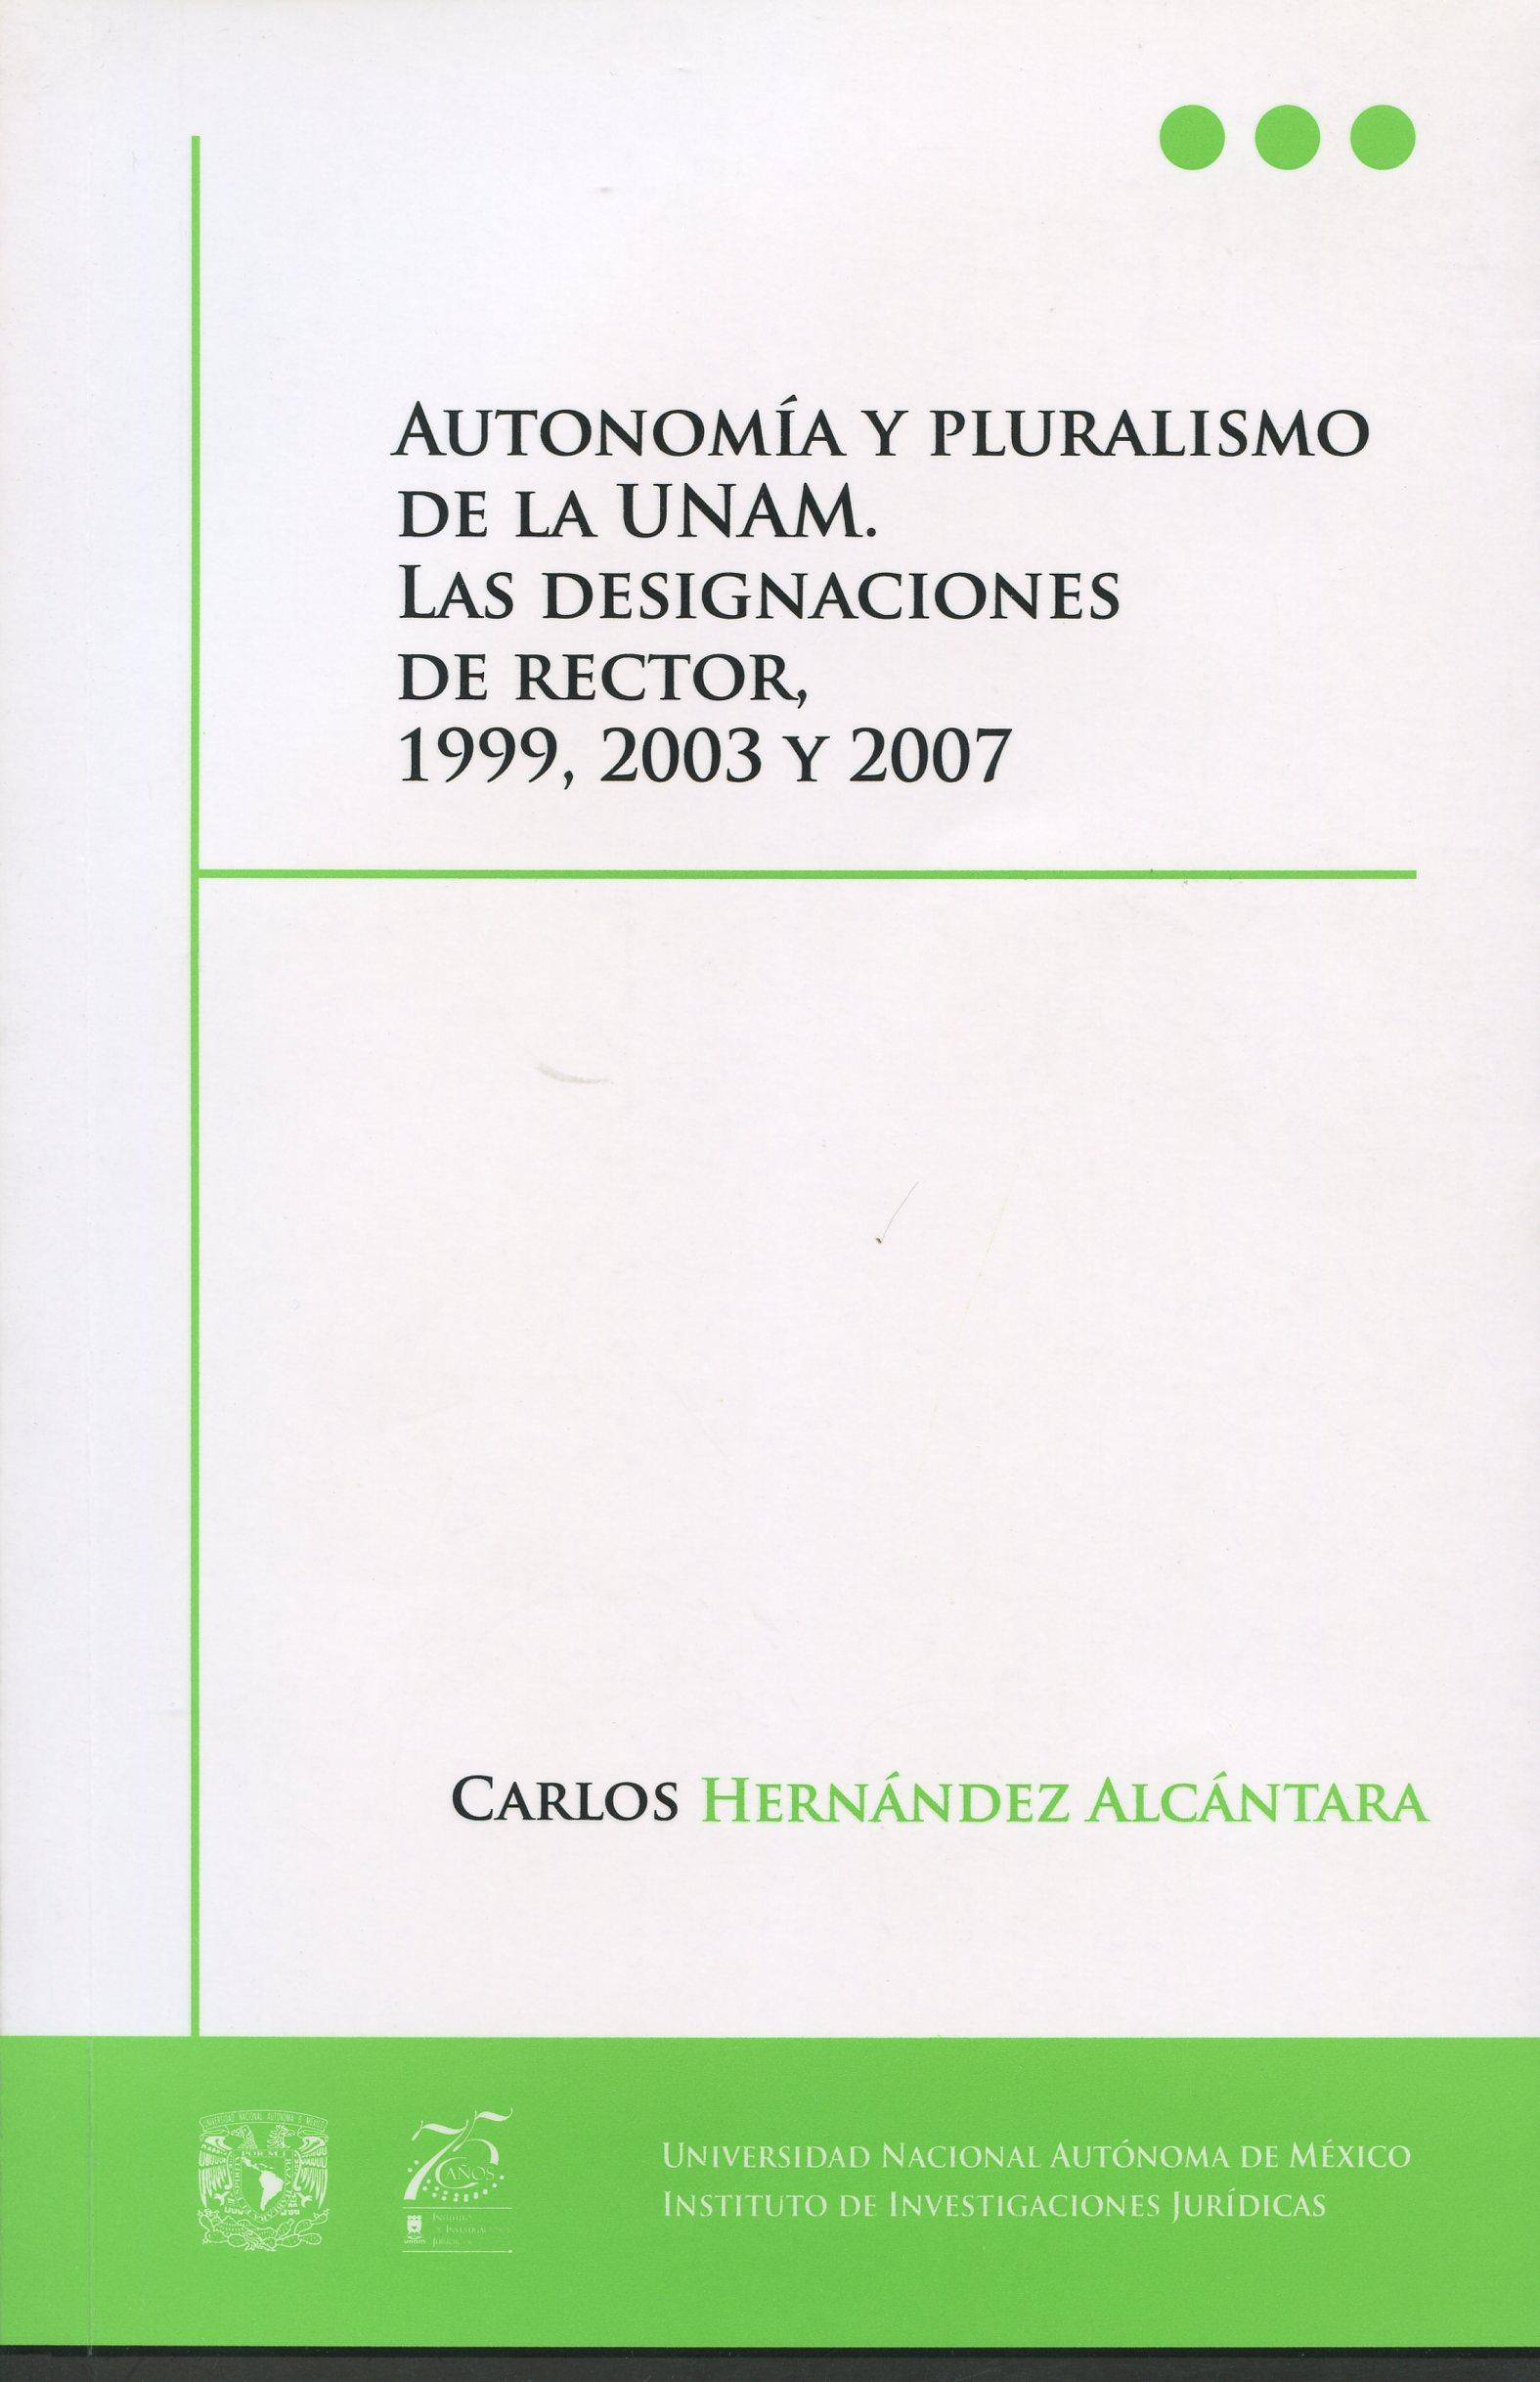 Autonomía y pluralismo de la UNAM. Las designaciones de rector, 1999, 2003 y 2007